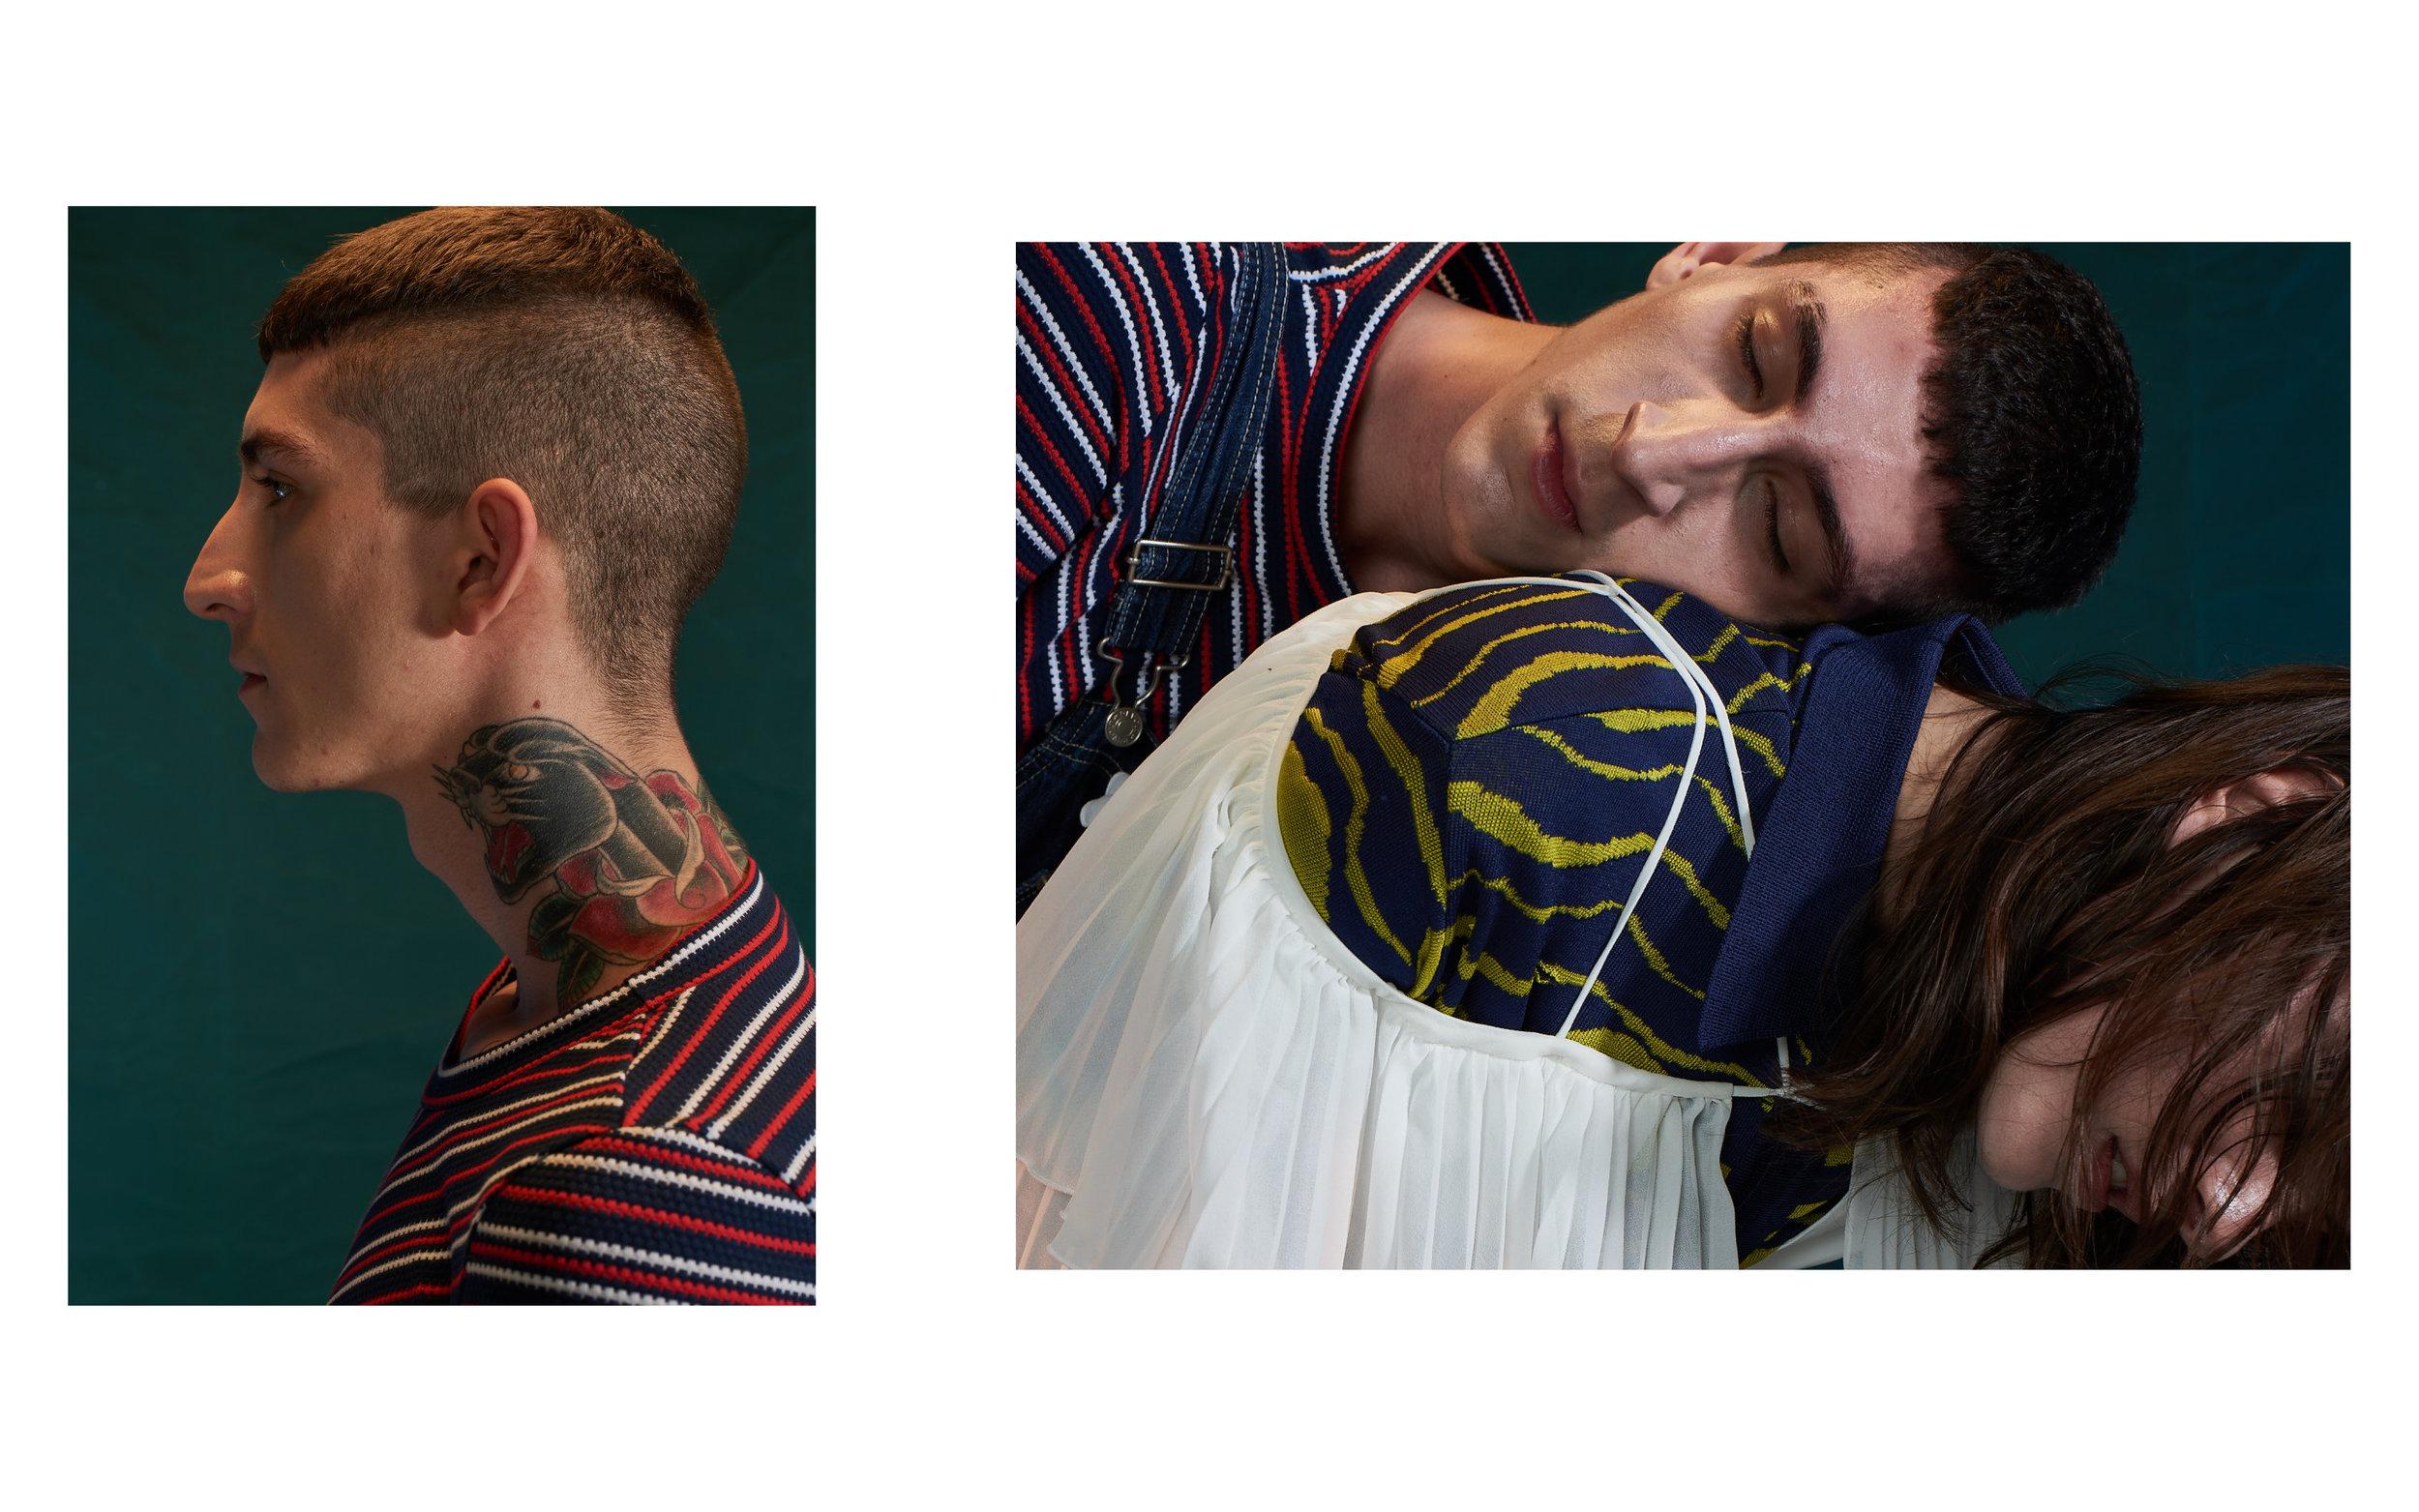 Rick veste Camiseta listrada Malwee e Macacão Brechó Frou Frou  Rebeca veste Blusa polo GIG couture e Blusa plissada C. Club